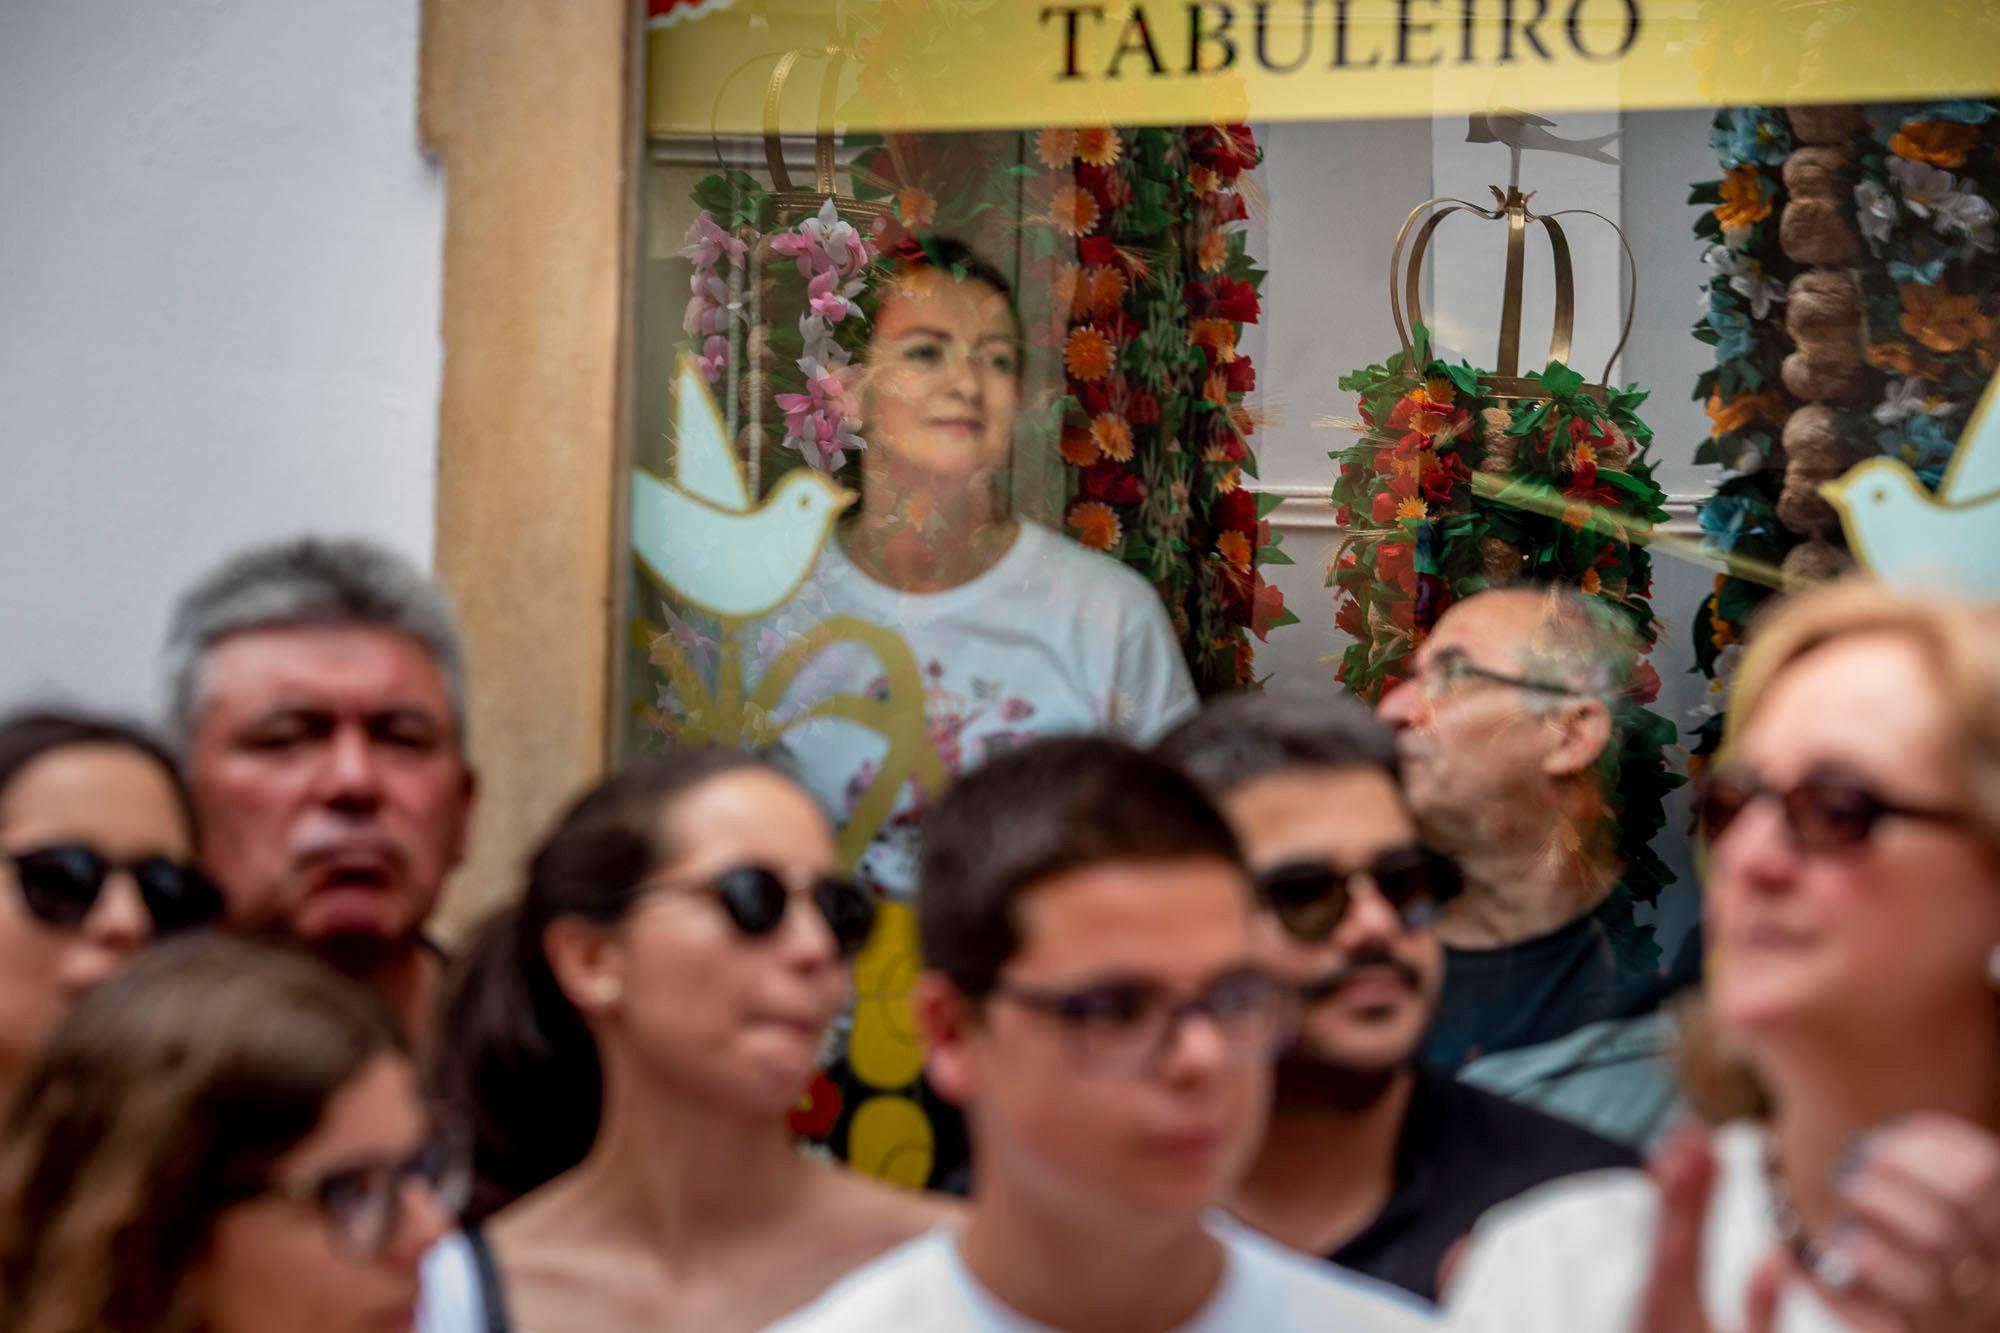 TCP_Tabuleiros_48.jpg